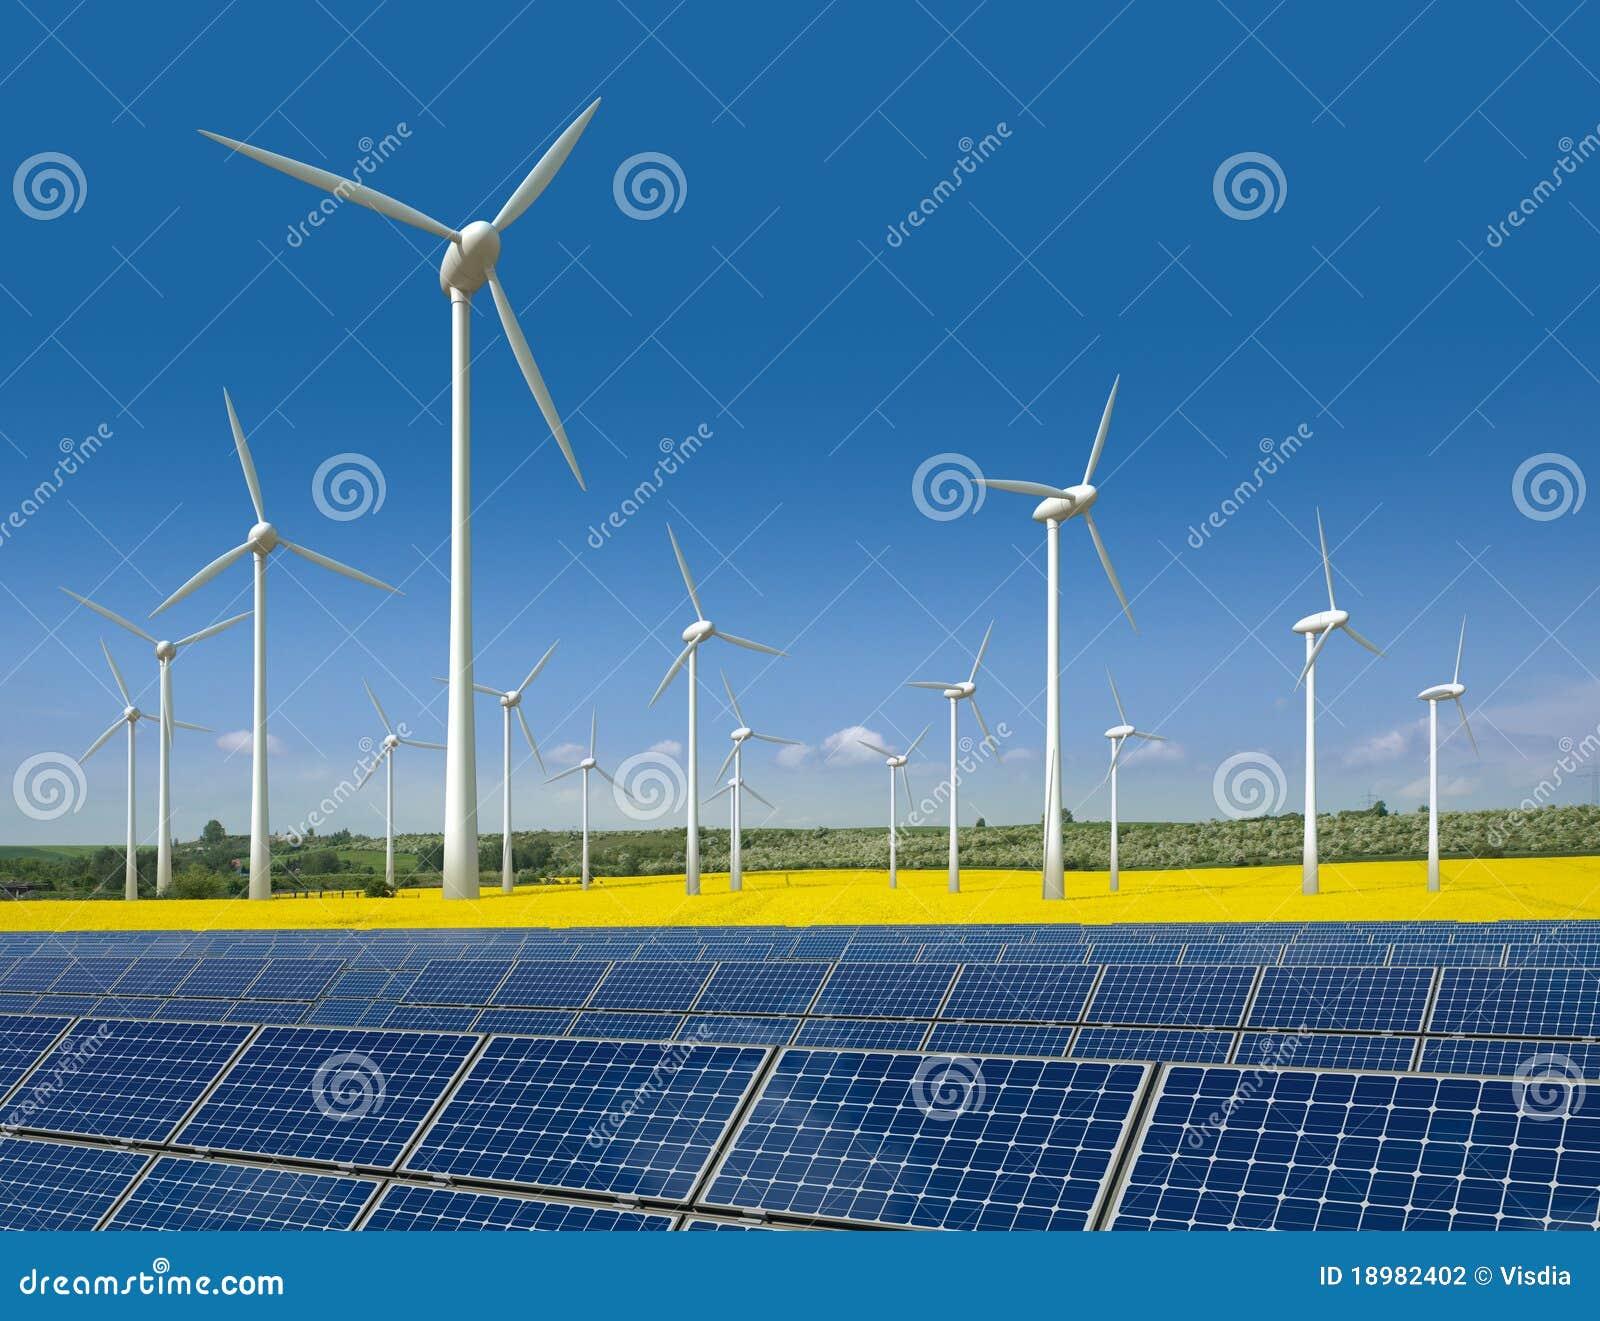 Les turbines de vent et les panneaux solaires dans une graine de colza mettent en place